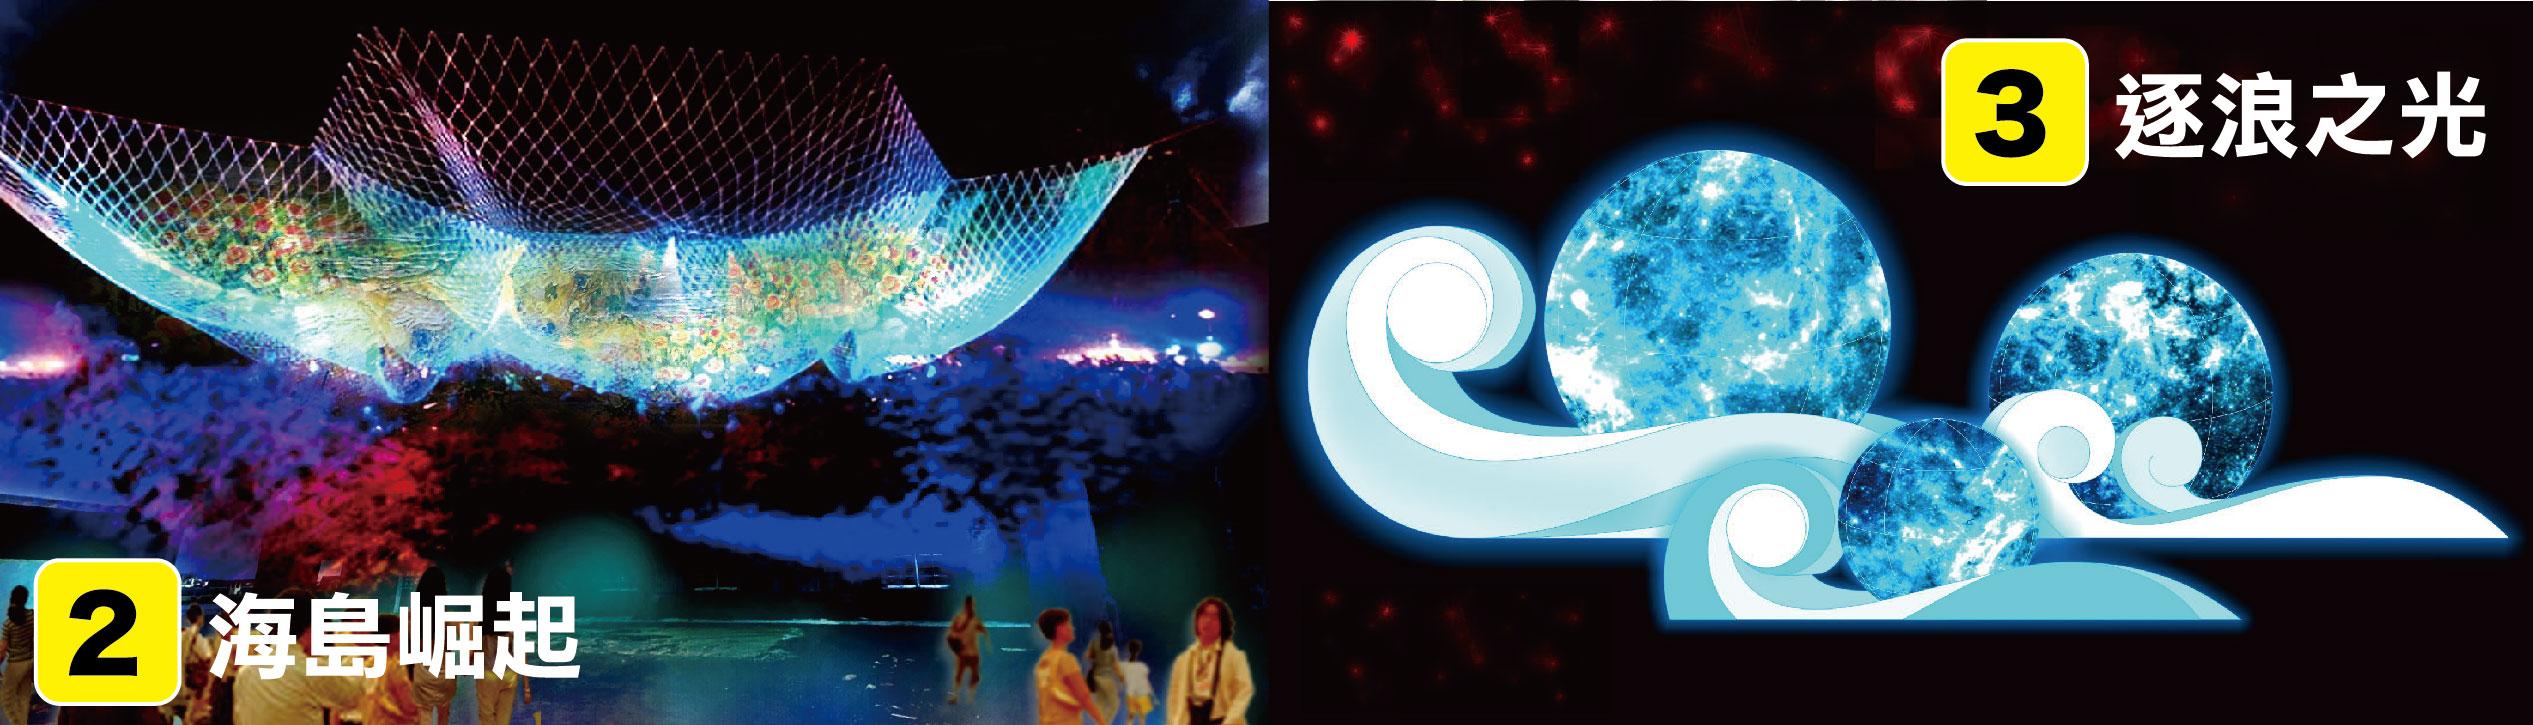 2020澎湖國際海灣燈光節全攻略|燈光&表演時間、地點、交通、周邊景點一篇全包